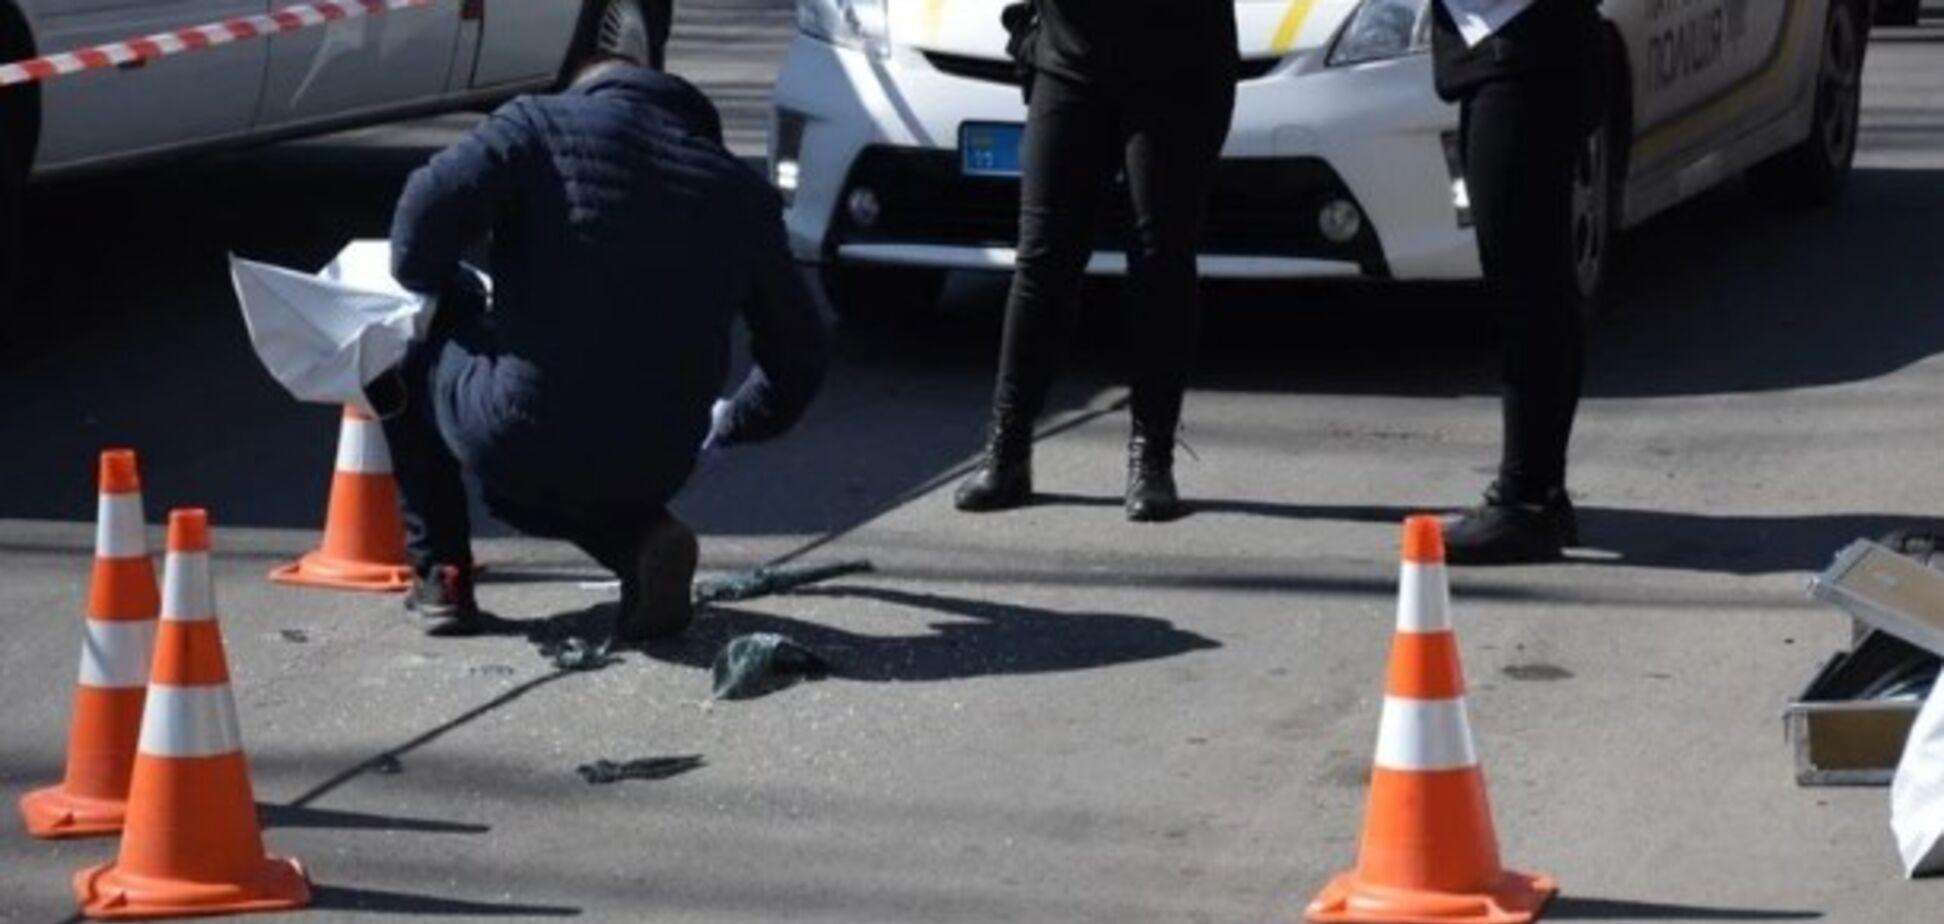 Забрали 2 млн: у Миколаєві серед білого дня напали на бізнесмена